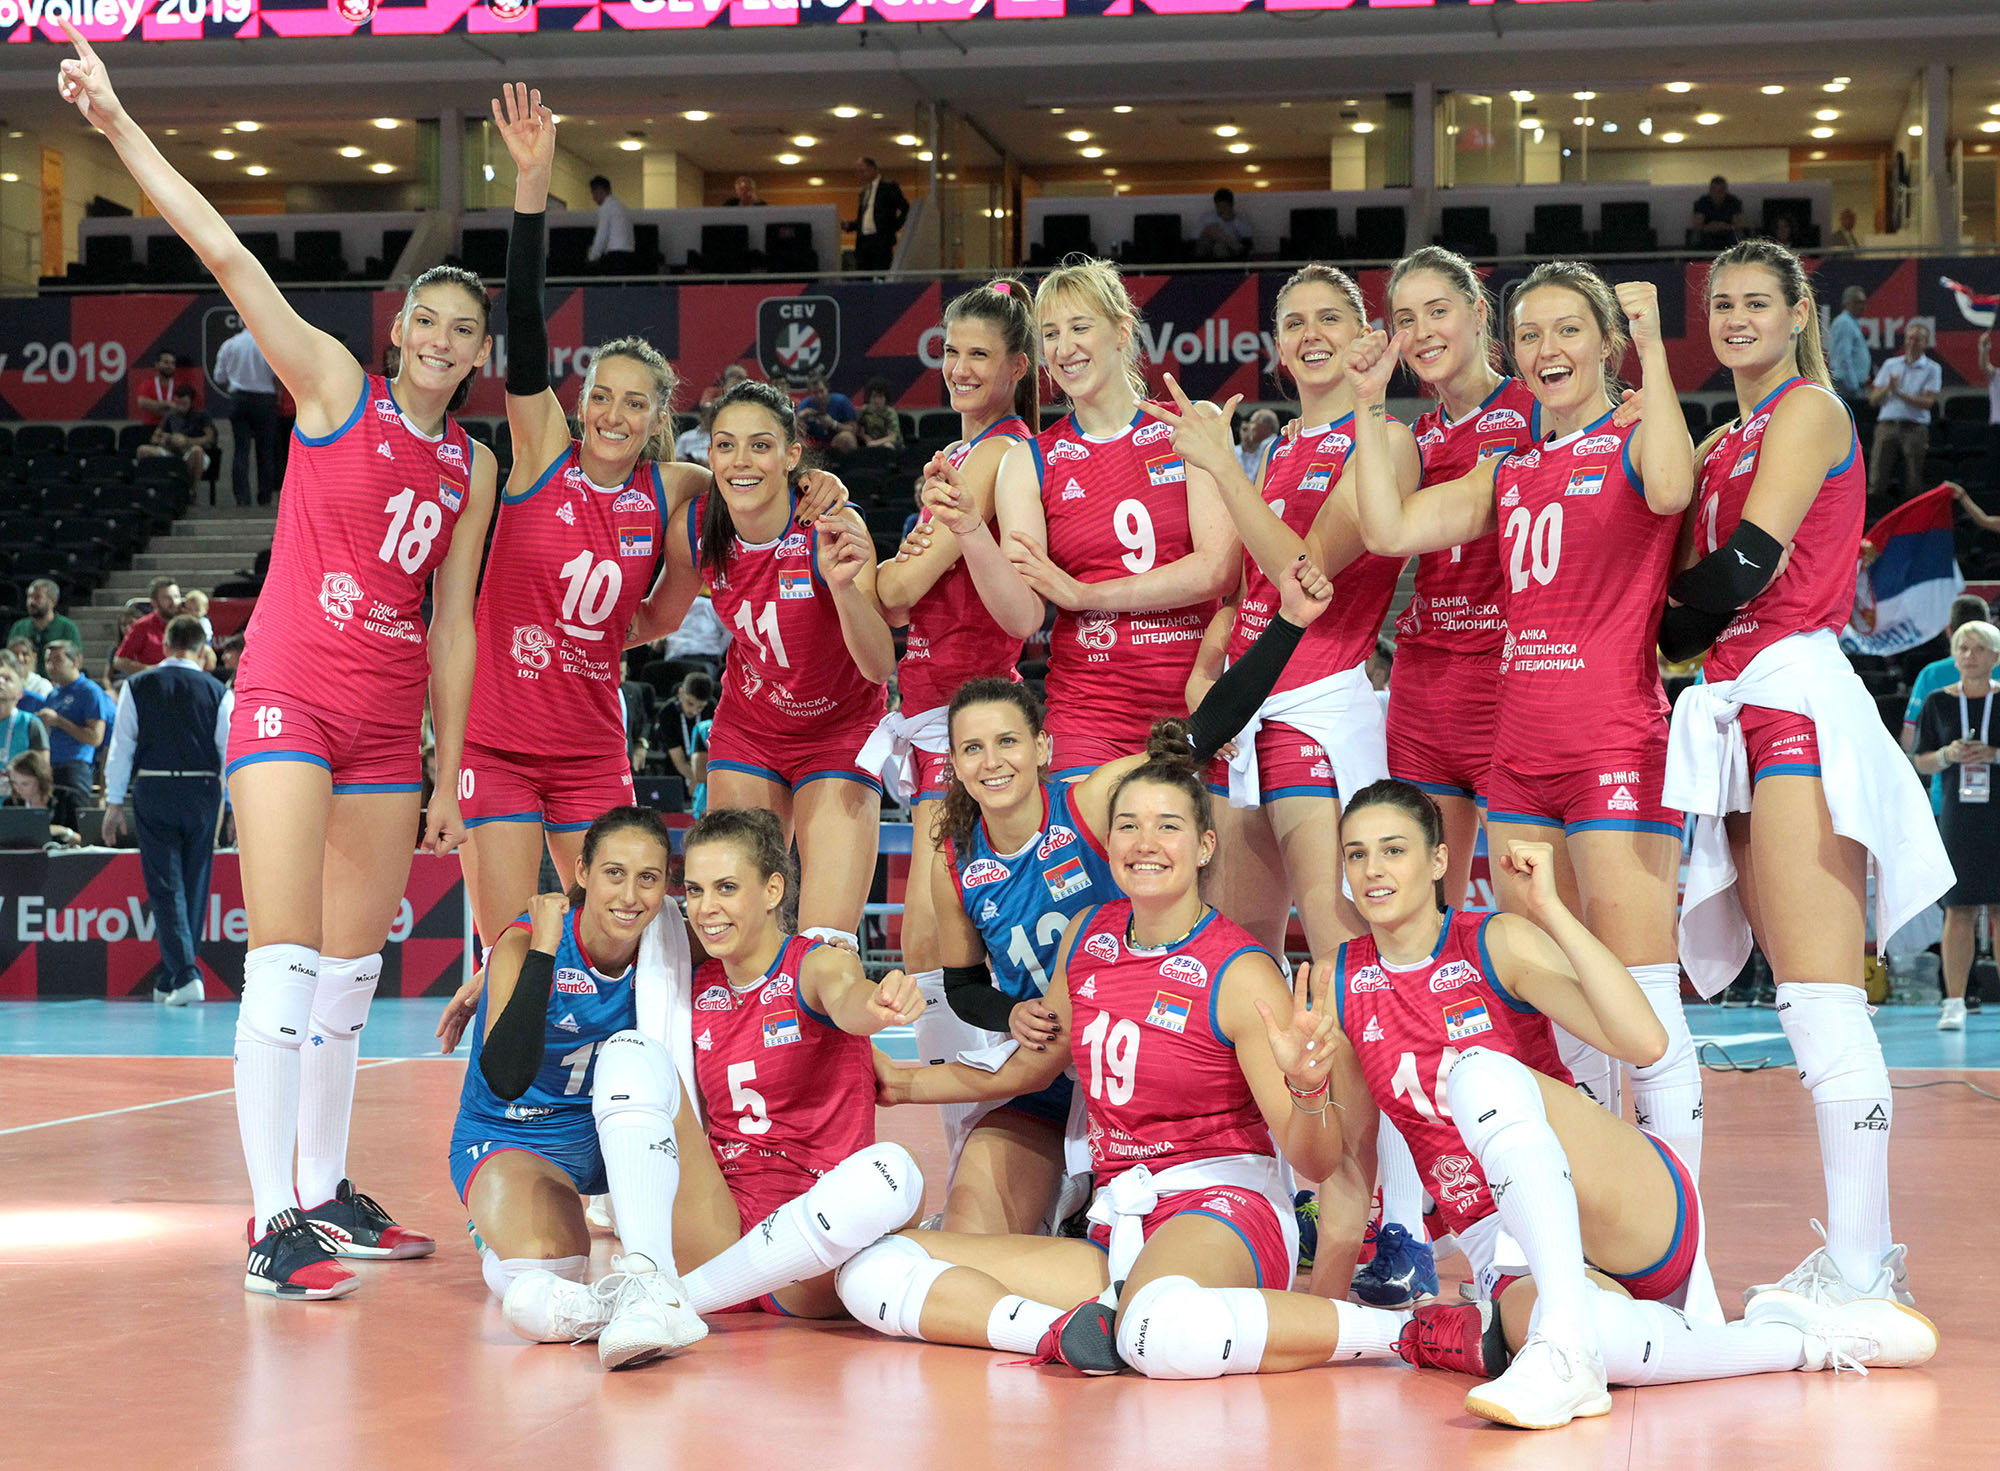 Srbija u finalu Evropskog prvenstva!